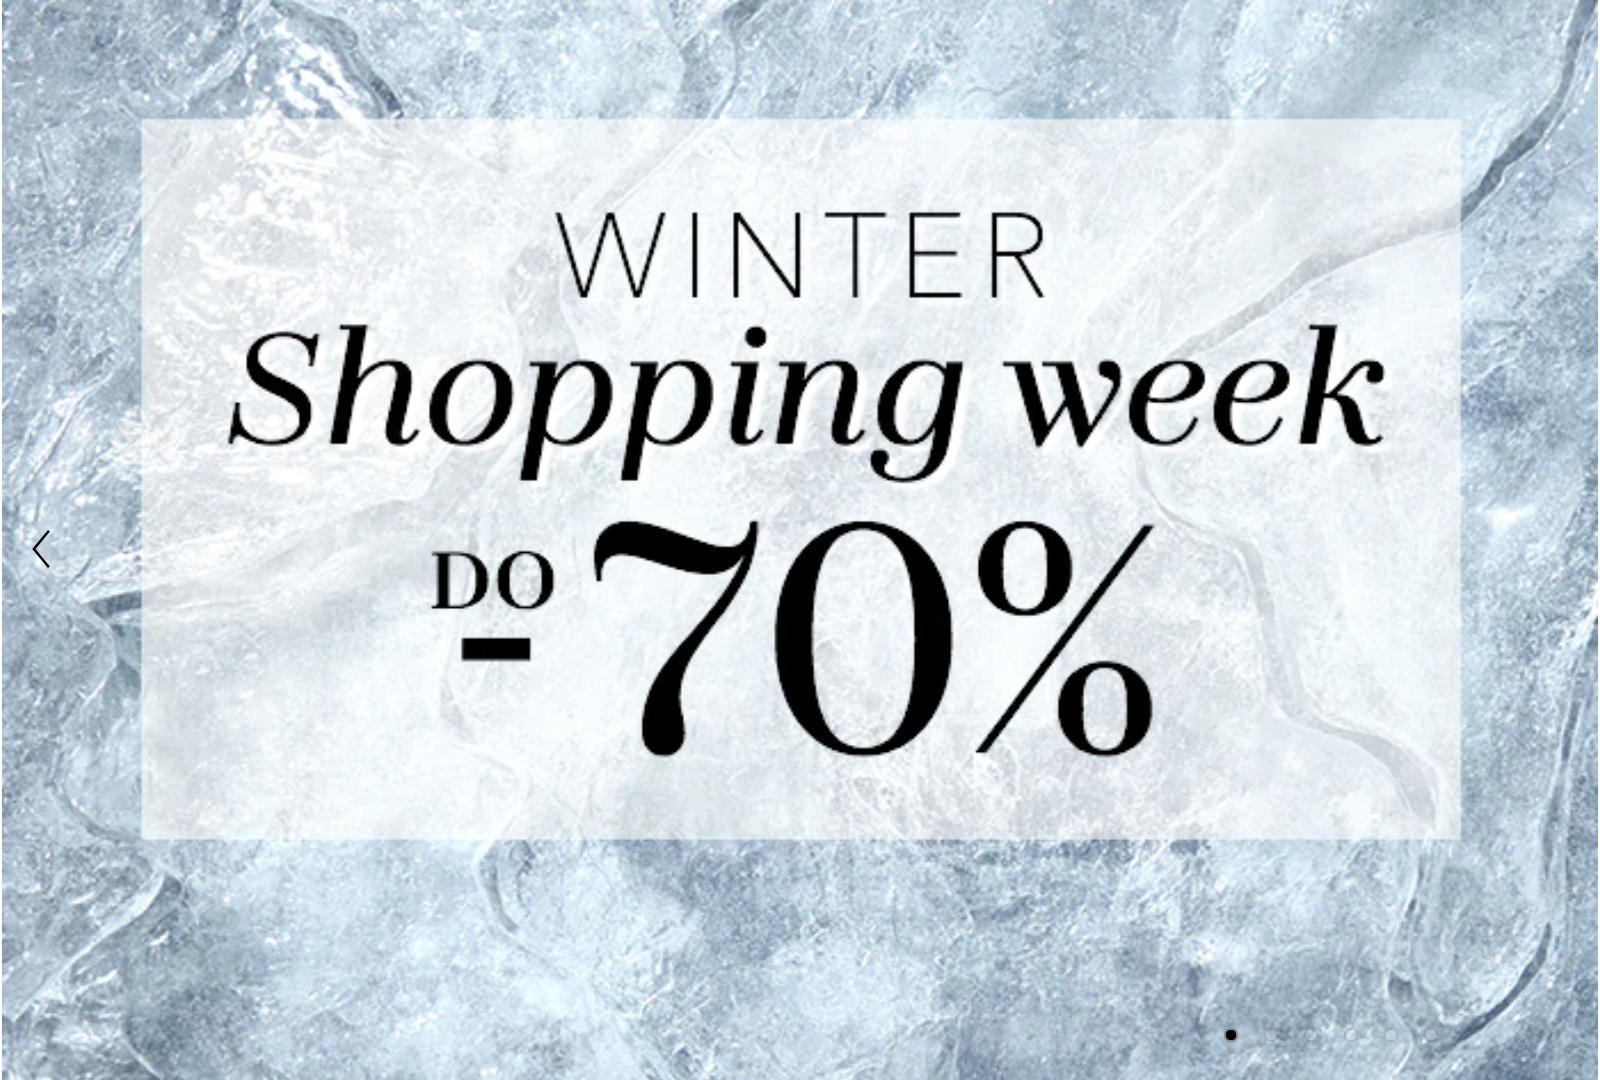 Douglas: Winter Shopping Week wyprzedaż do 70% rabatu na kosmetyki do makijażu i pielęgnacji oraz zapachy